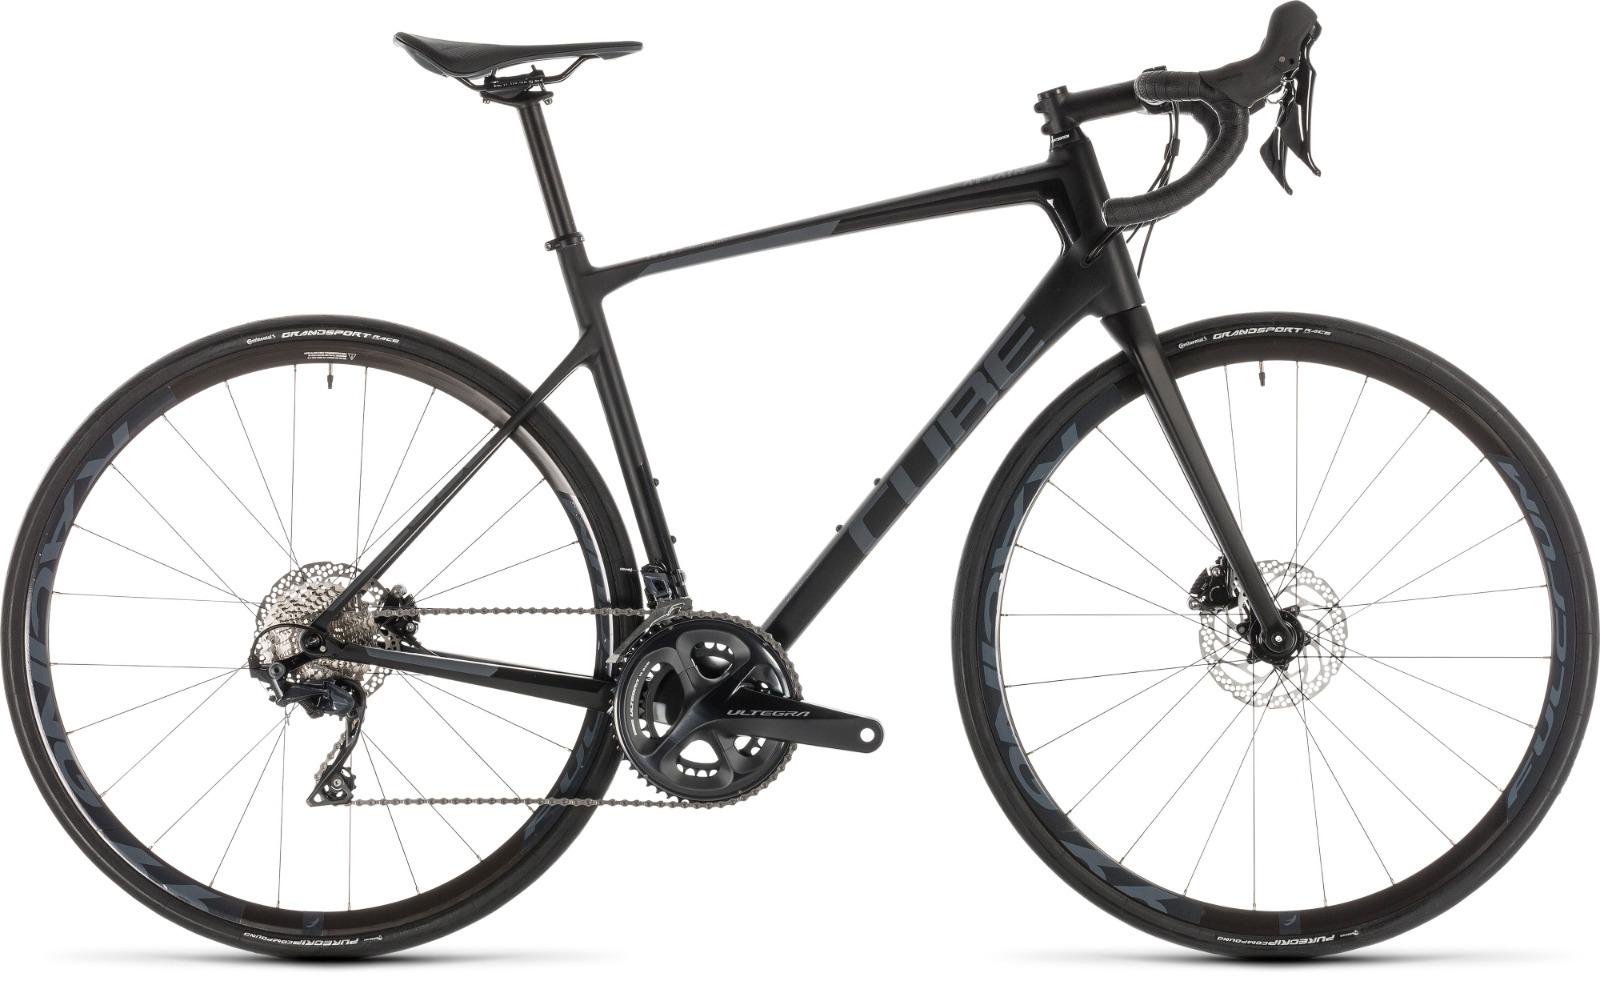 Bici da Corsa Attain GTC SL Disc Carbon - Noleggio Bici Canazei